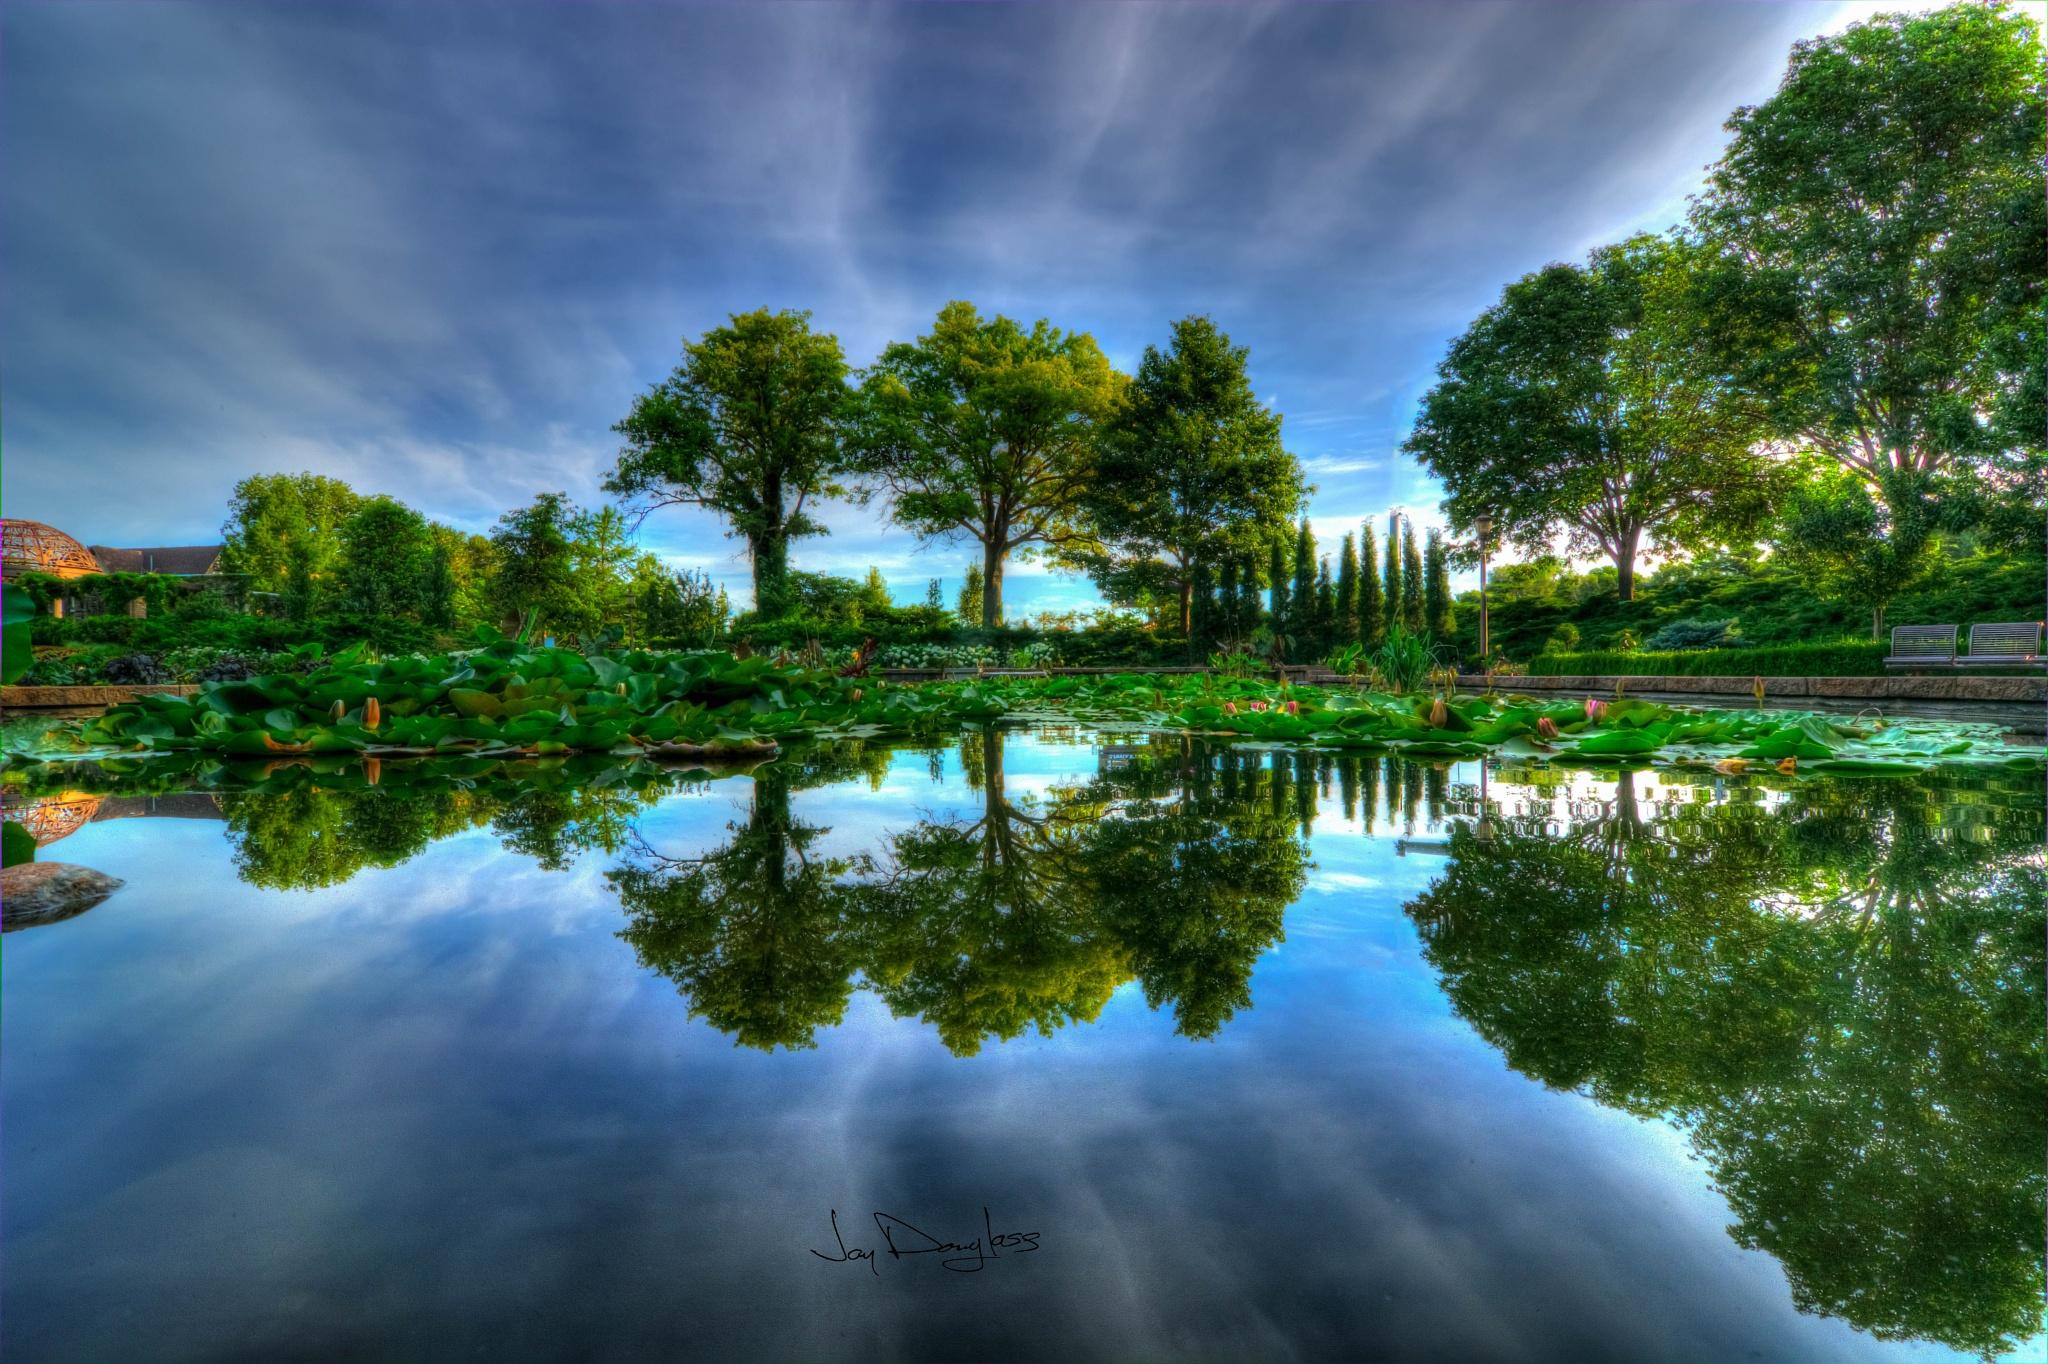 Reflection by Jay Douglass